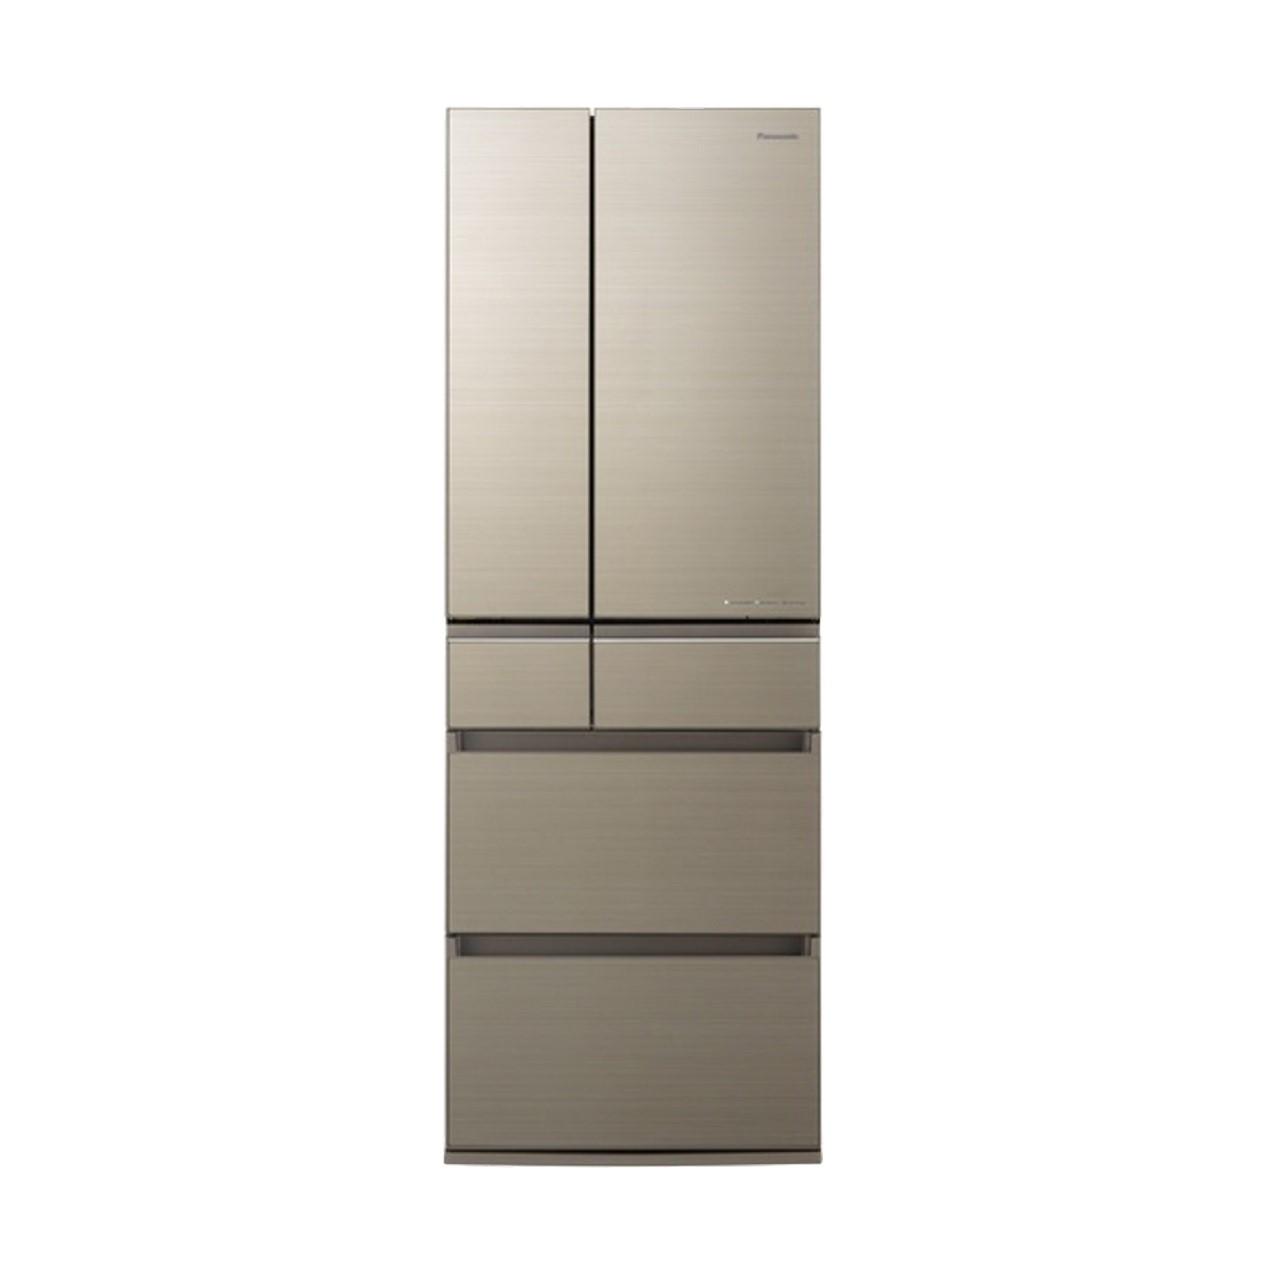 パナソニックNR-F505HPX冷蔵庫